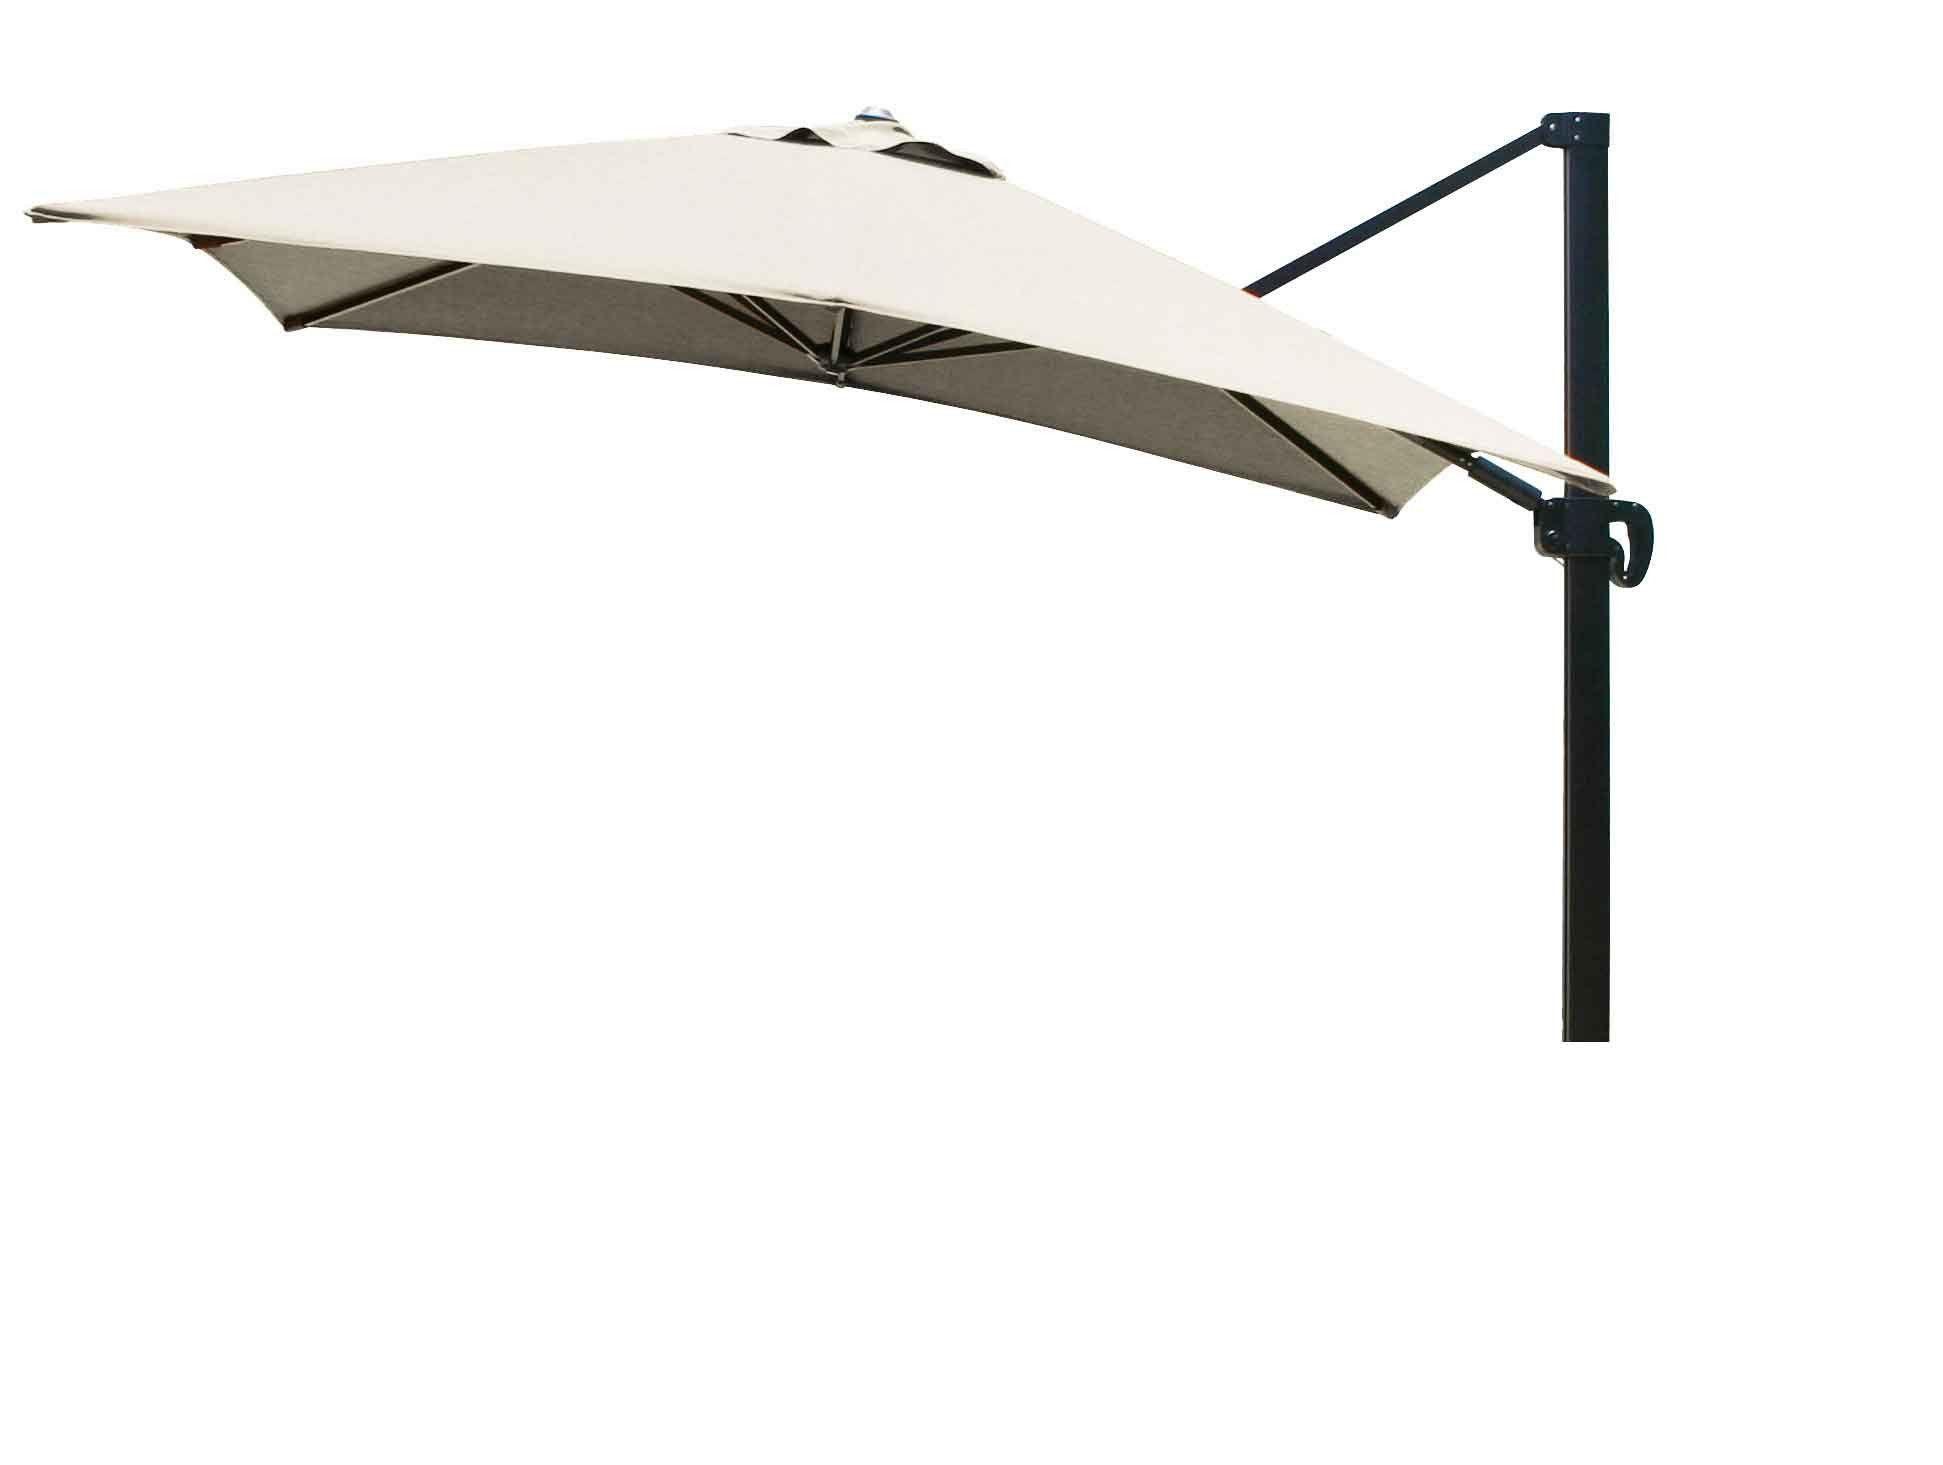 CALI338 Cantilever Square Umbrella